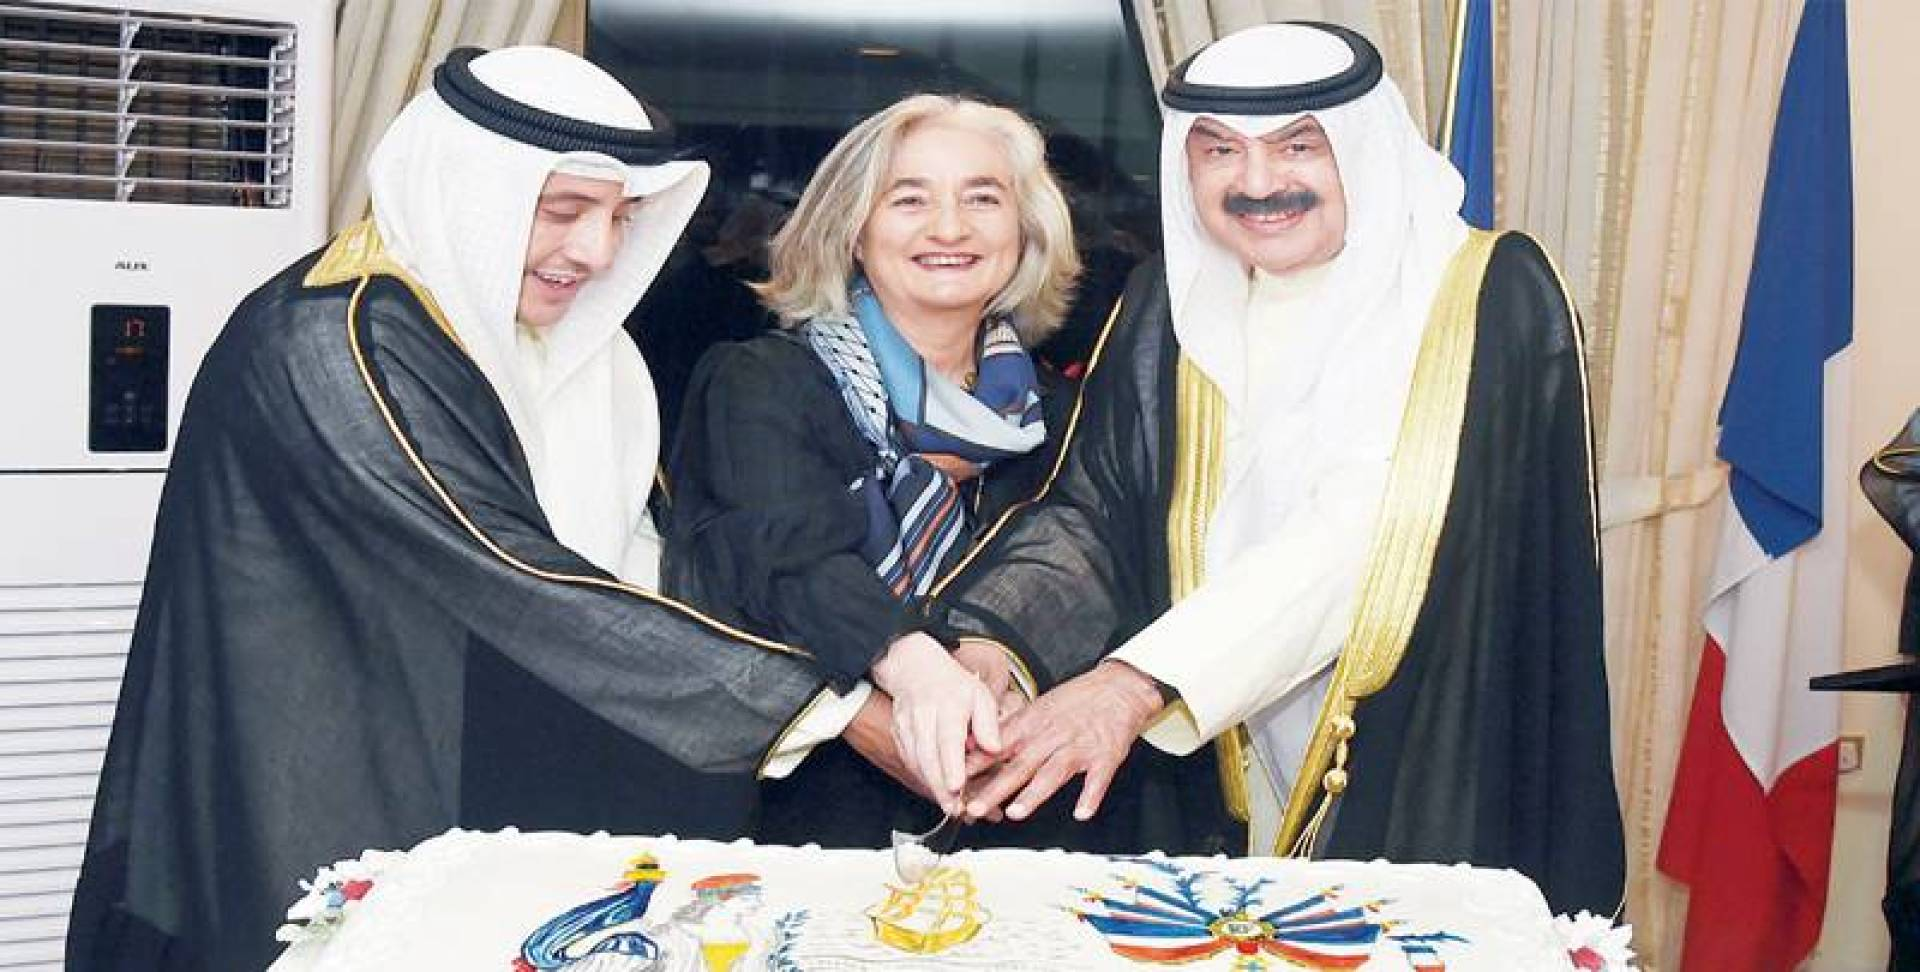 الجارالله والسفيرة الفرنسية والمحمد يقطعون كيكة الافتتاح» | تصوير مصطفى نجم